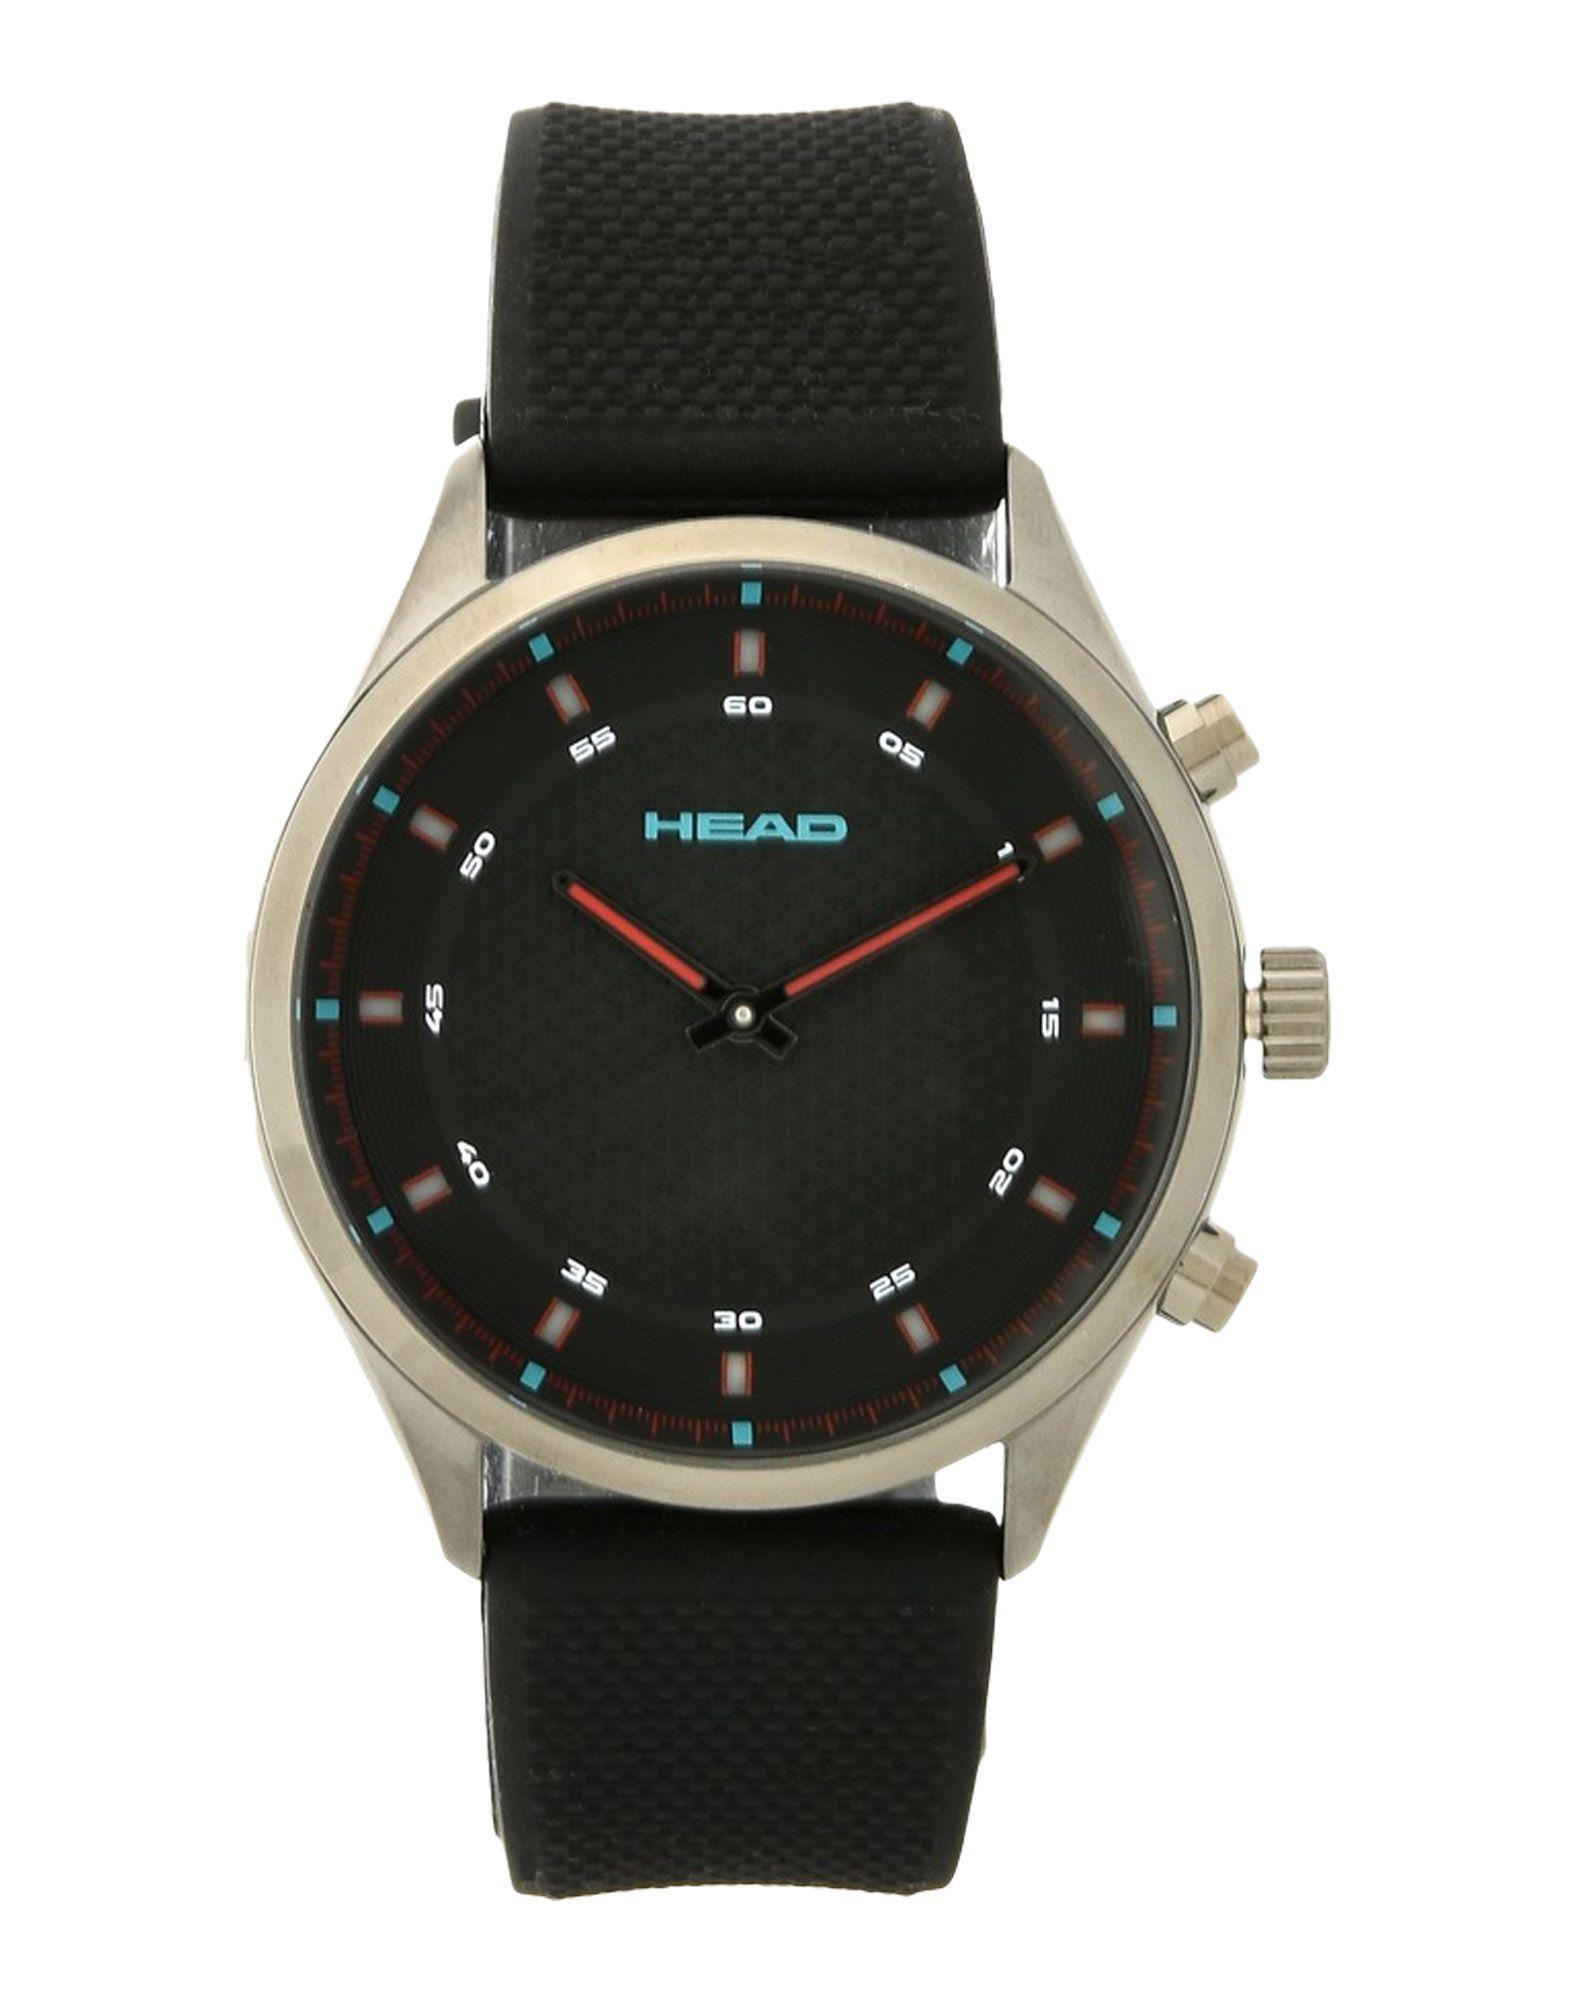 HEAD Наручные часы часы наручные storm часы hydroxisbrown47237 br